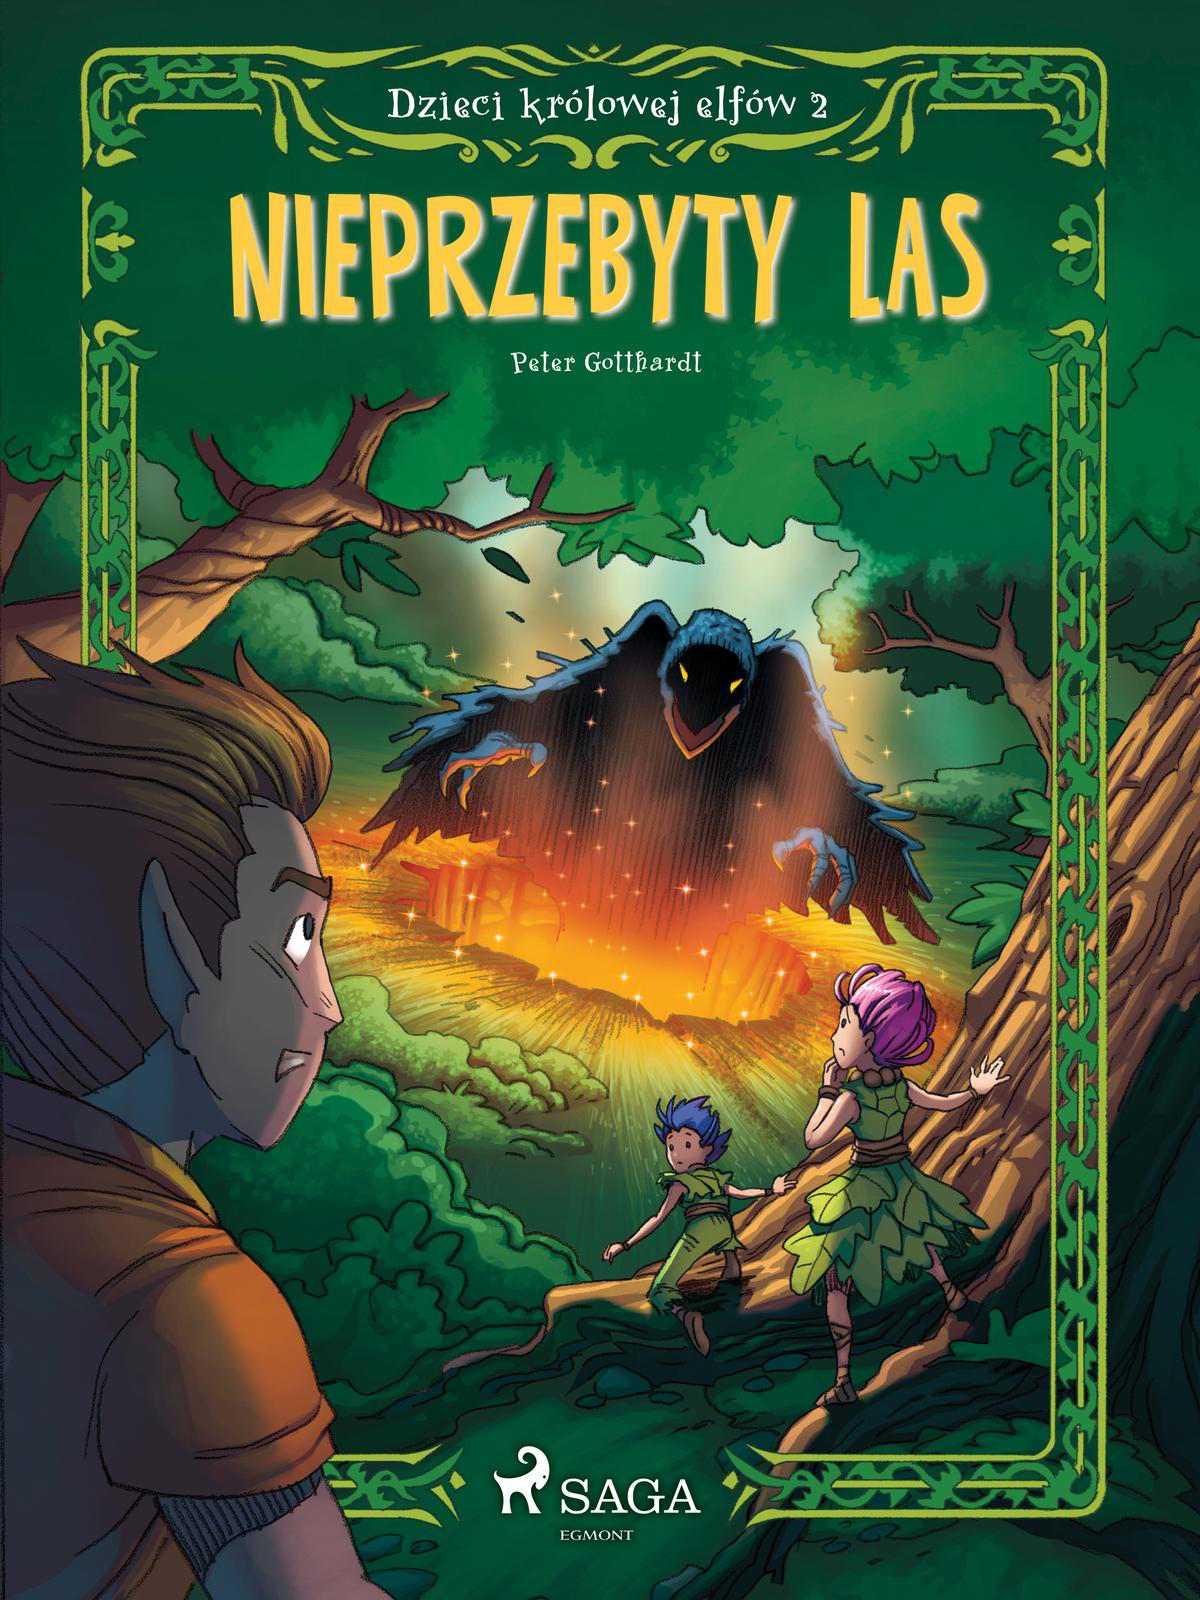 Dzieci królowej elfów 2 - Nieprzebyty las - Ebook (Książka EPUB) do pobrania w formacie EPUB